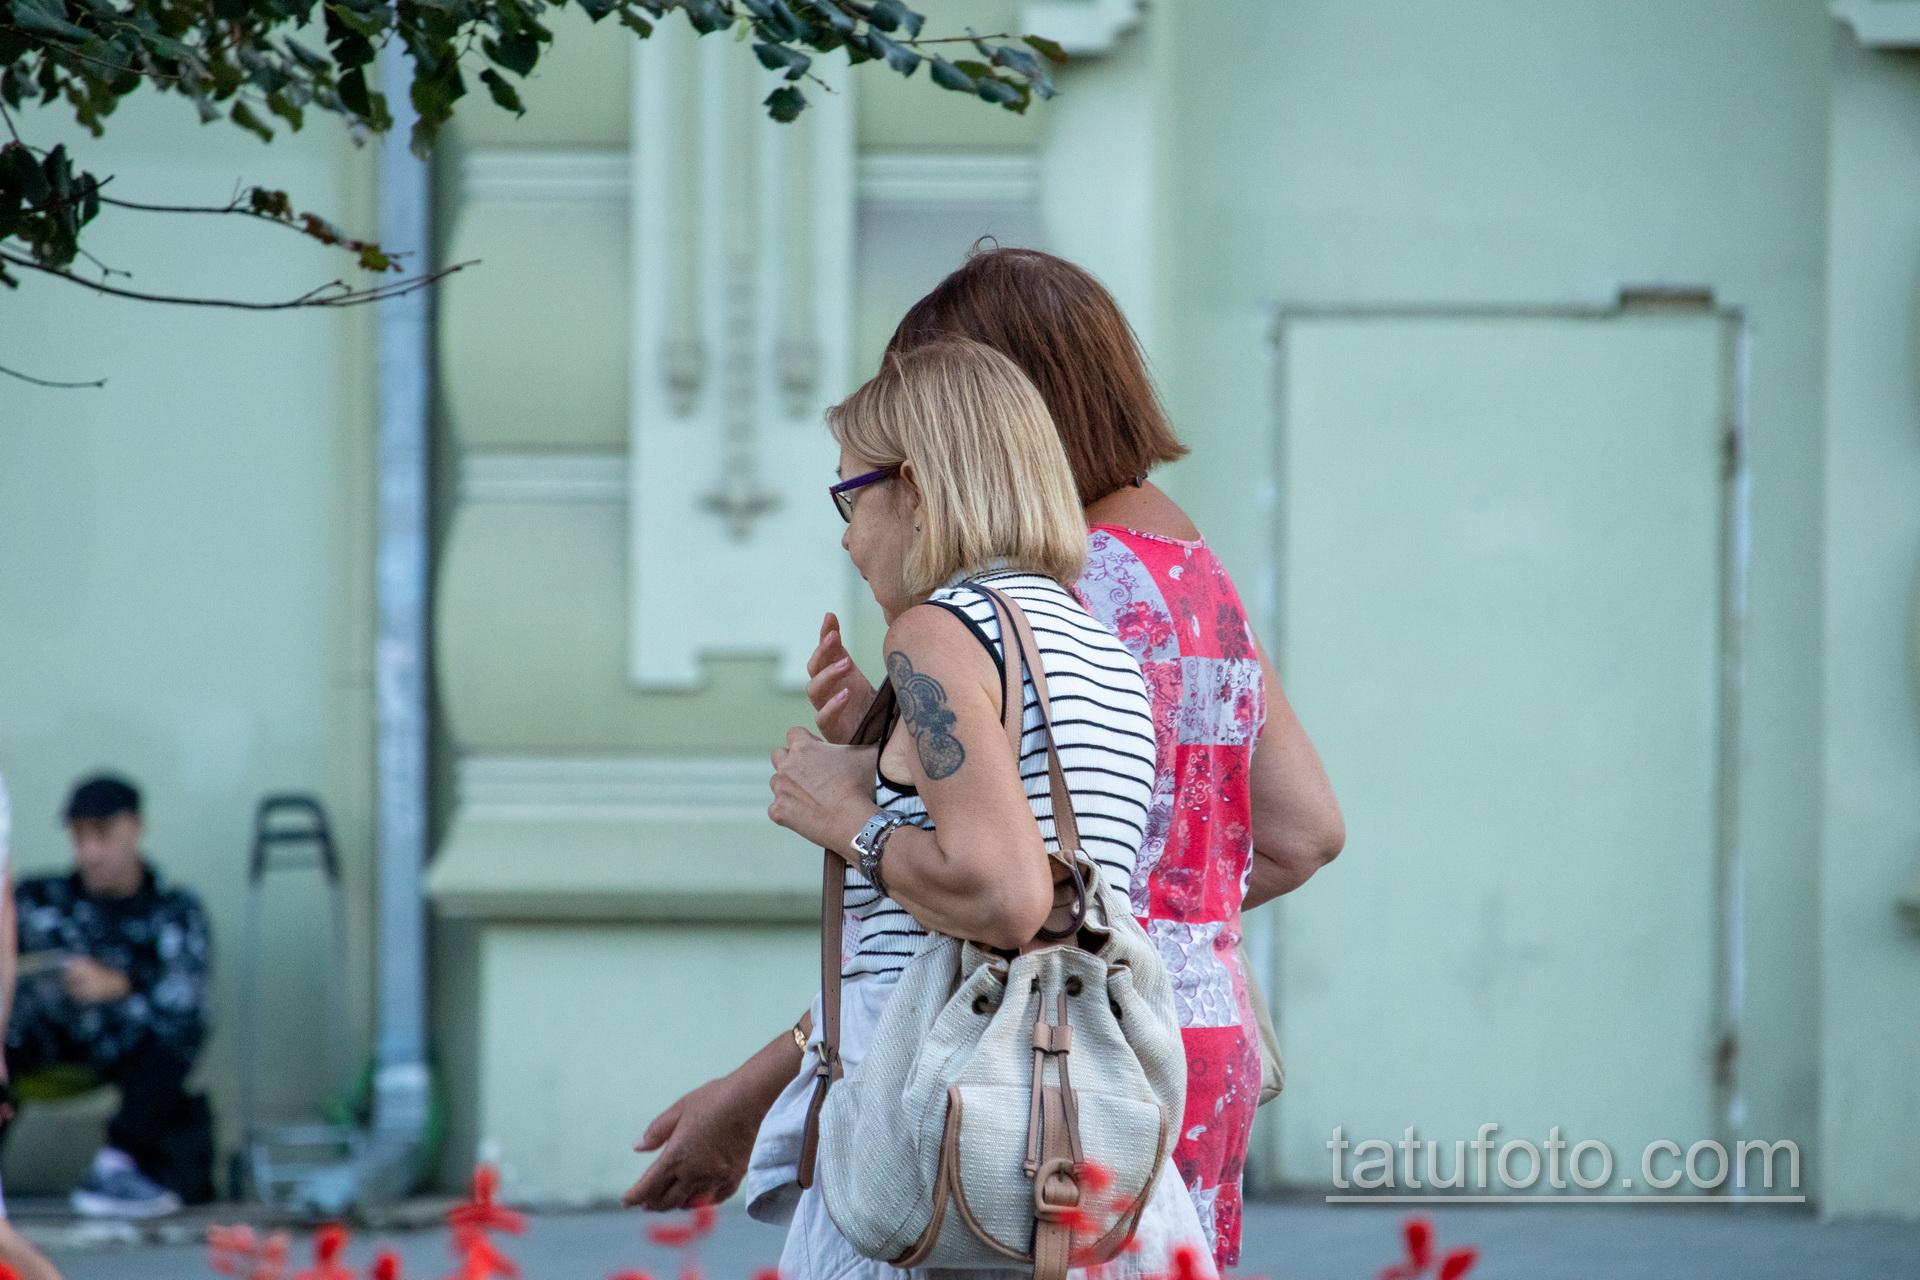 Татуировка с кругами на правом плече женщины в возрасте – Уличная татуировка 14.09.2020 – tatufoto.com 6